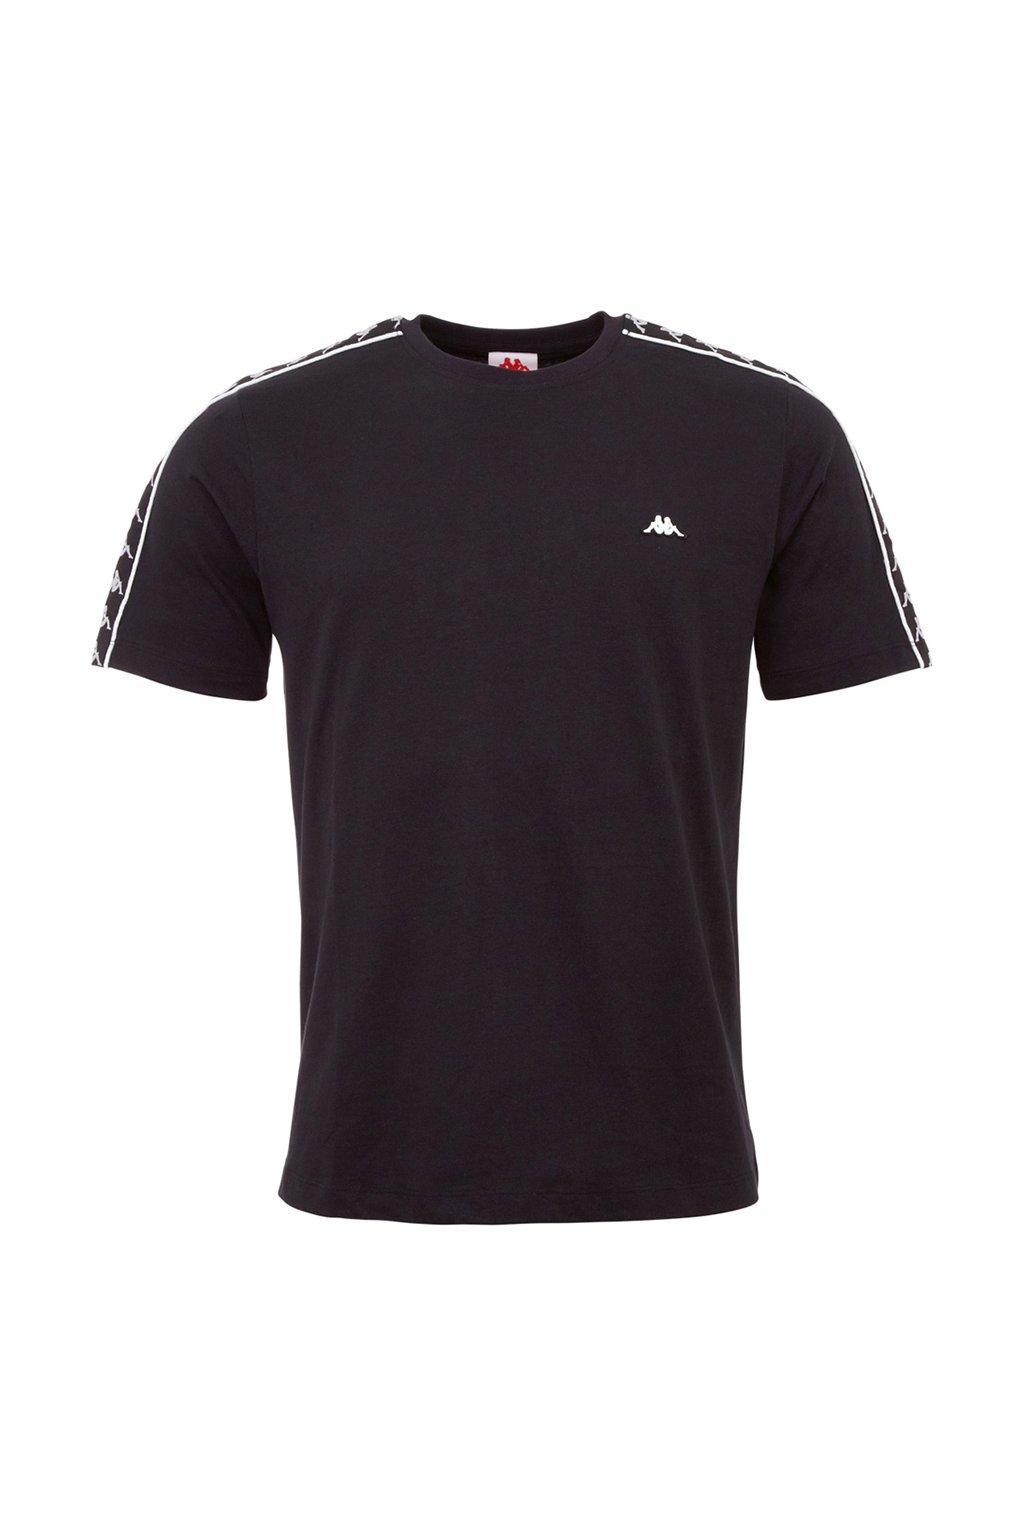 Pánske tričko Kappa Hanno čierne 308011 19-4006